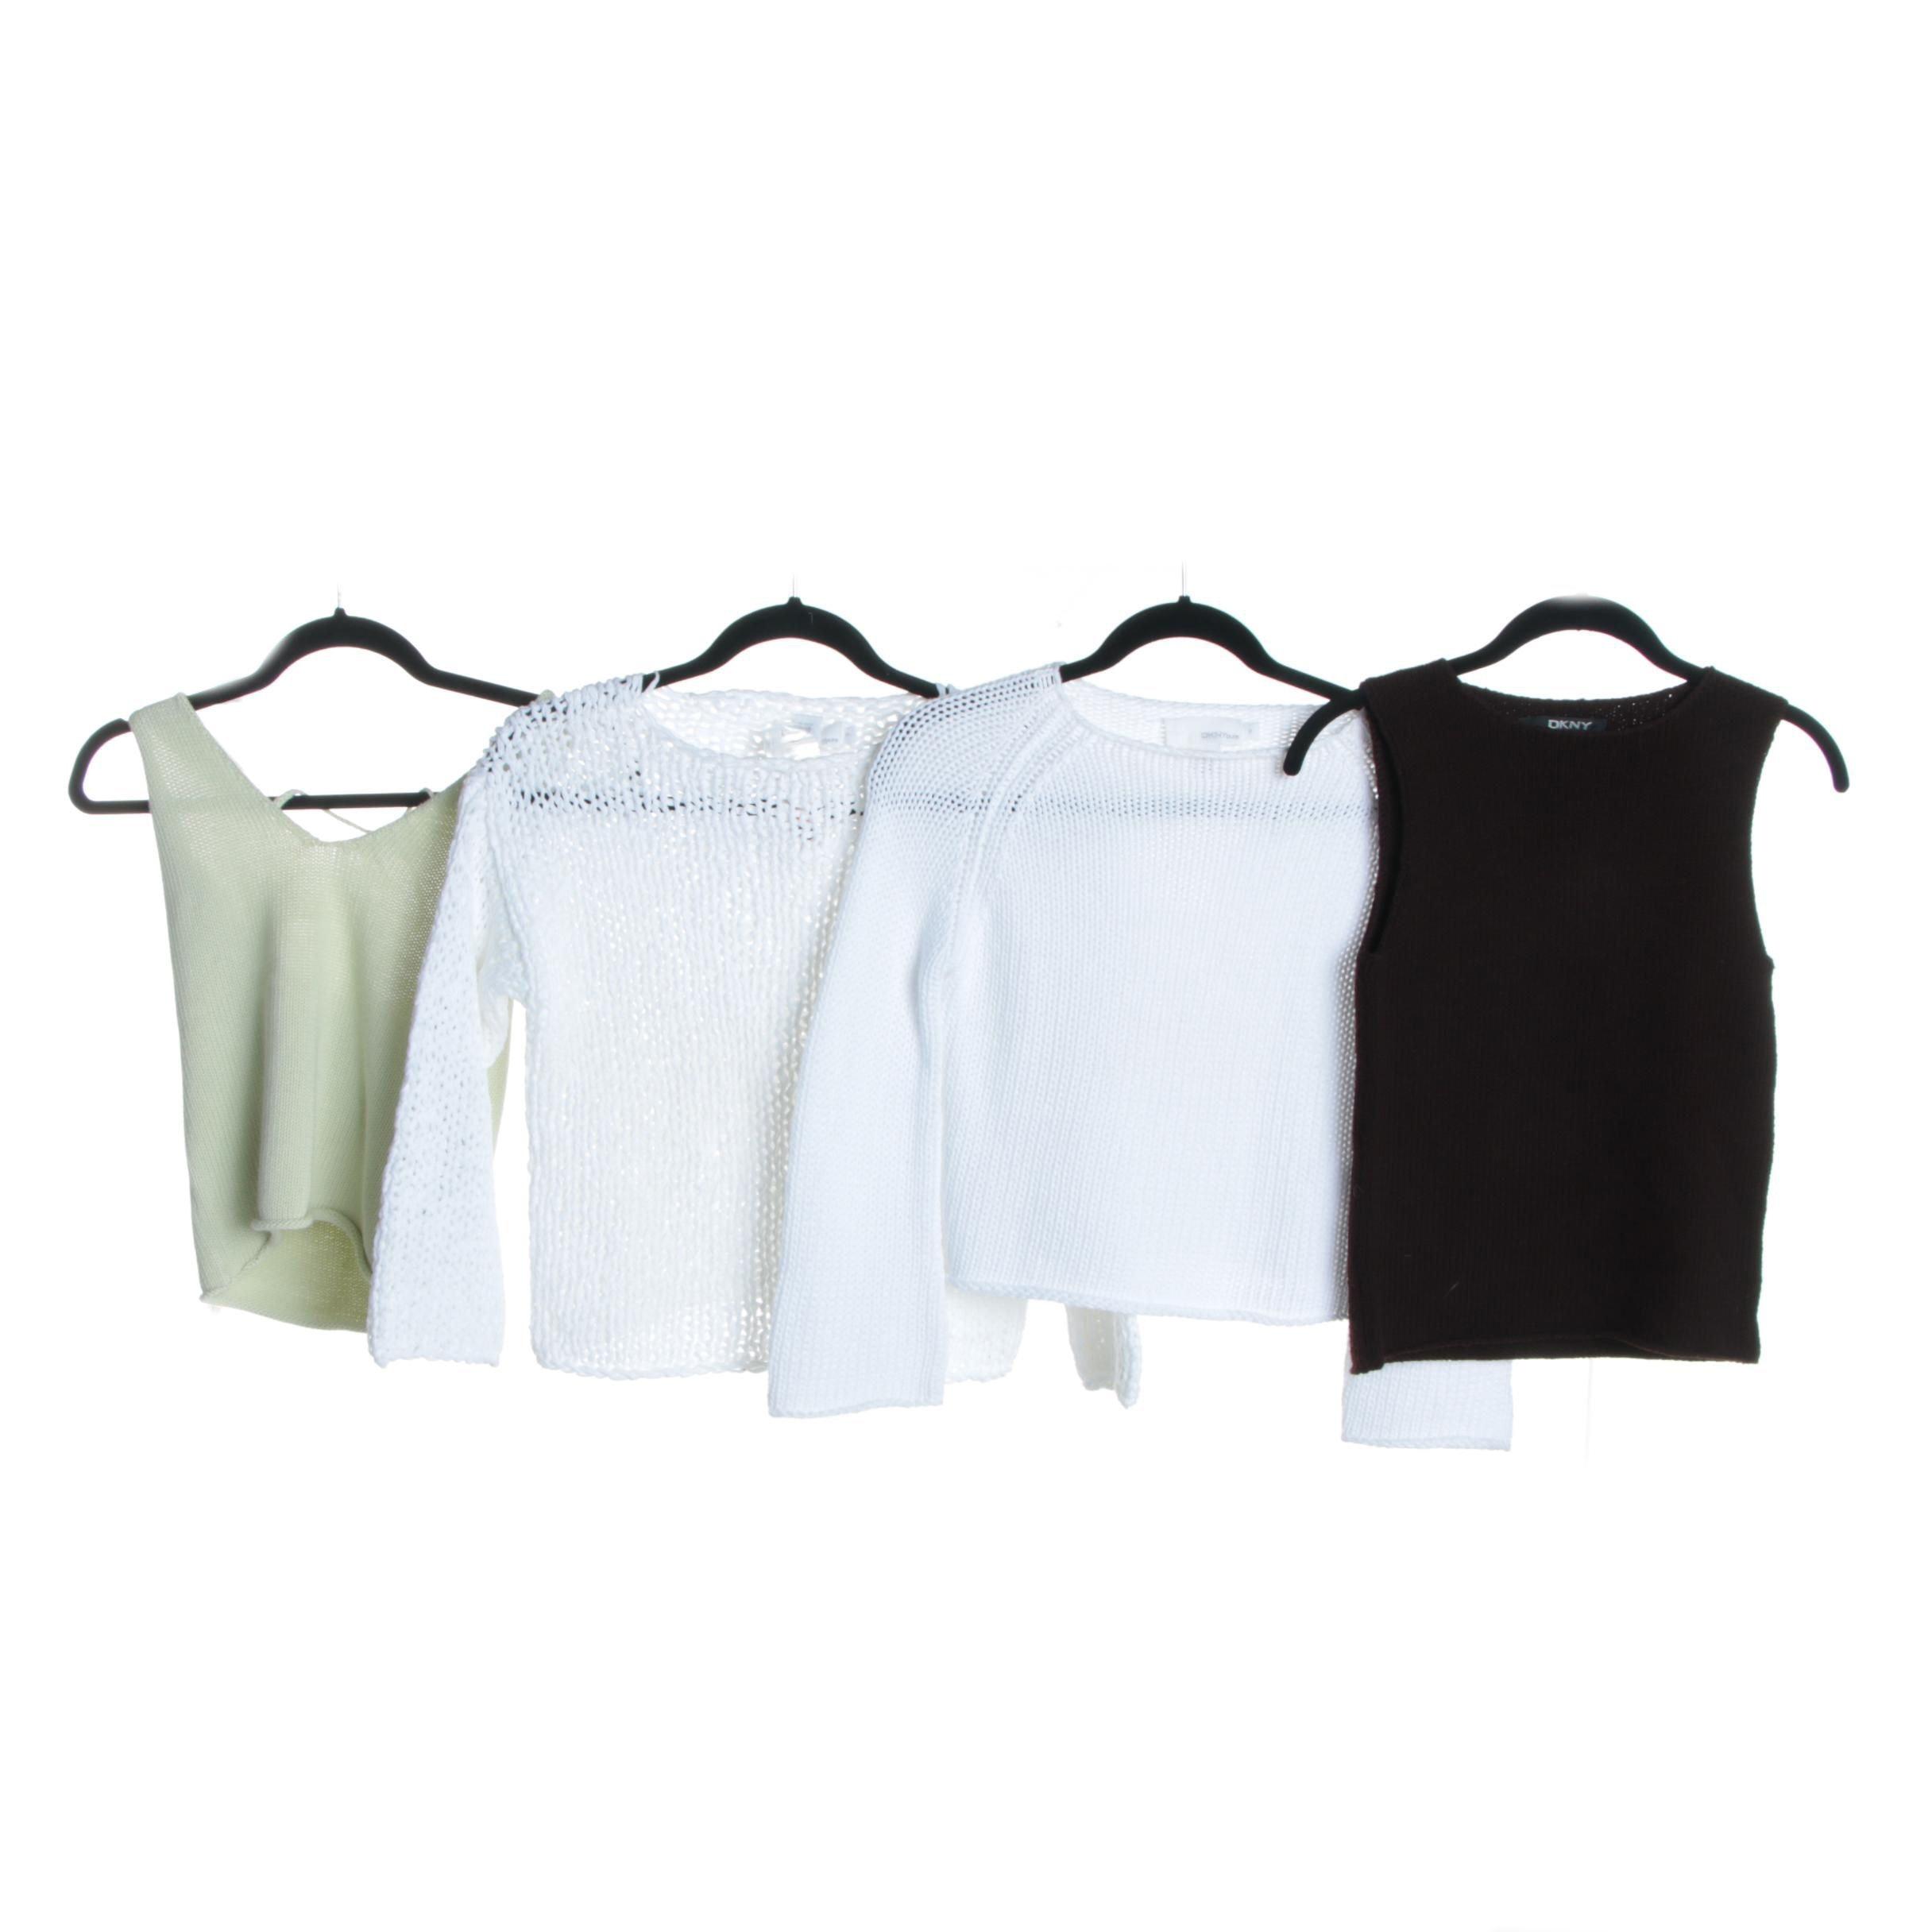 Women's DKNY Knit Tops